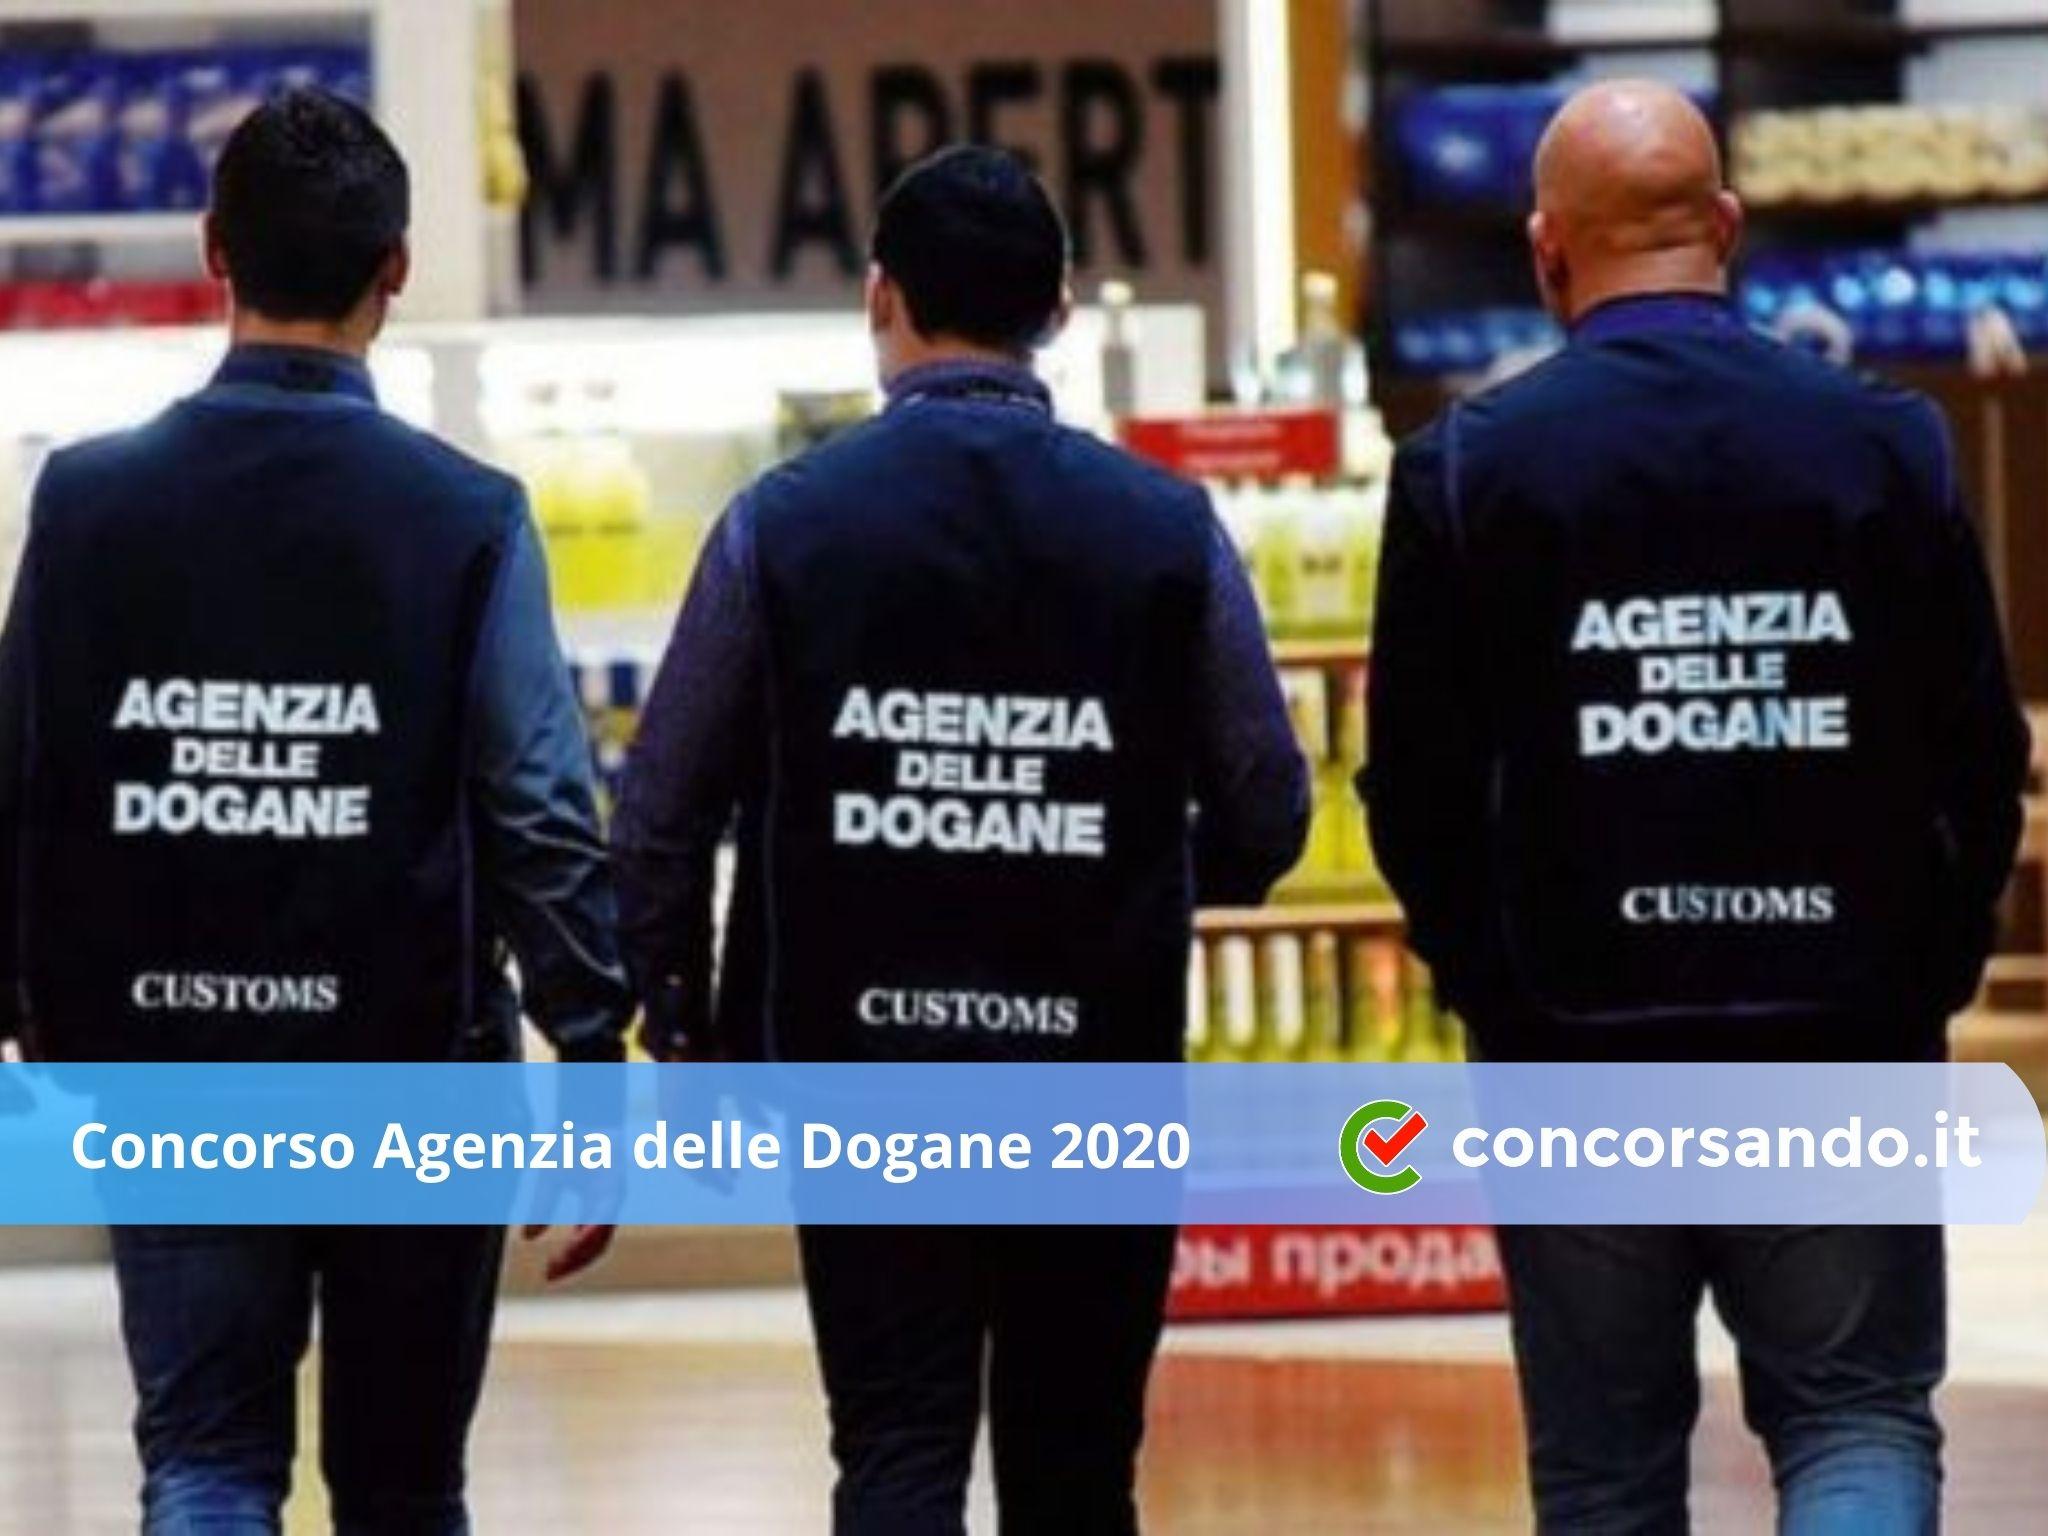 Calendario Prima Prova Agenzia Delle Entrate 2021 Concorso Agenzia delle Dogane 2020   Come partecipare